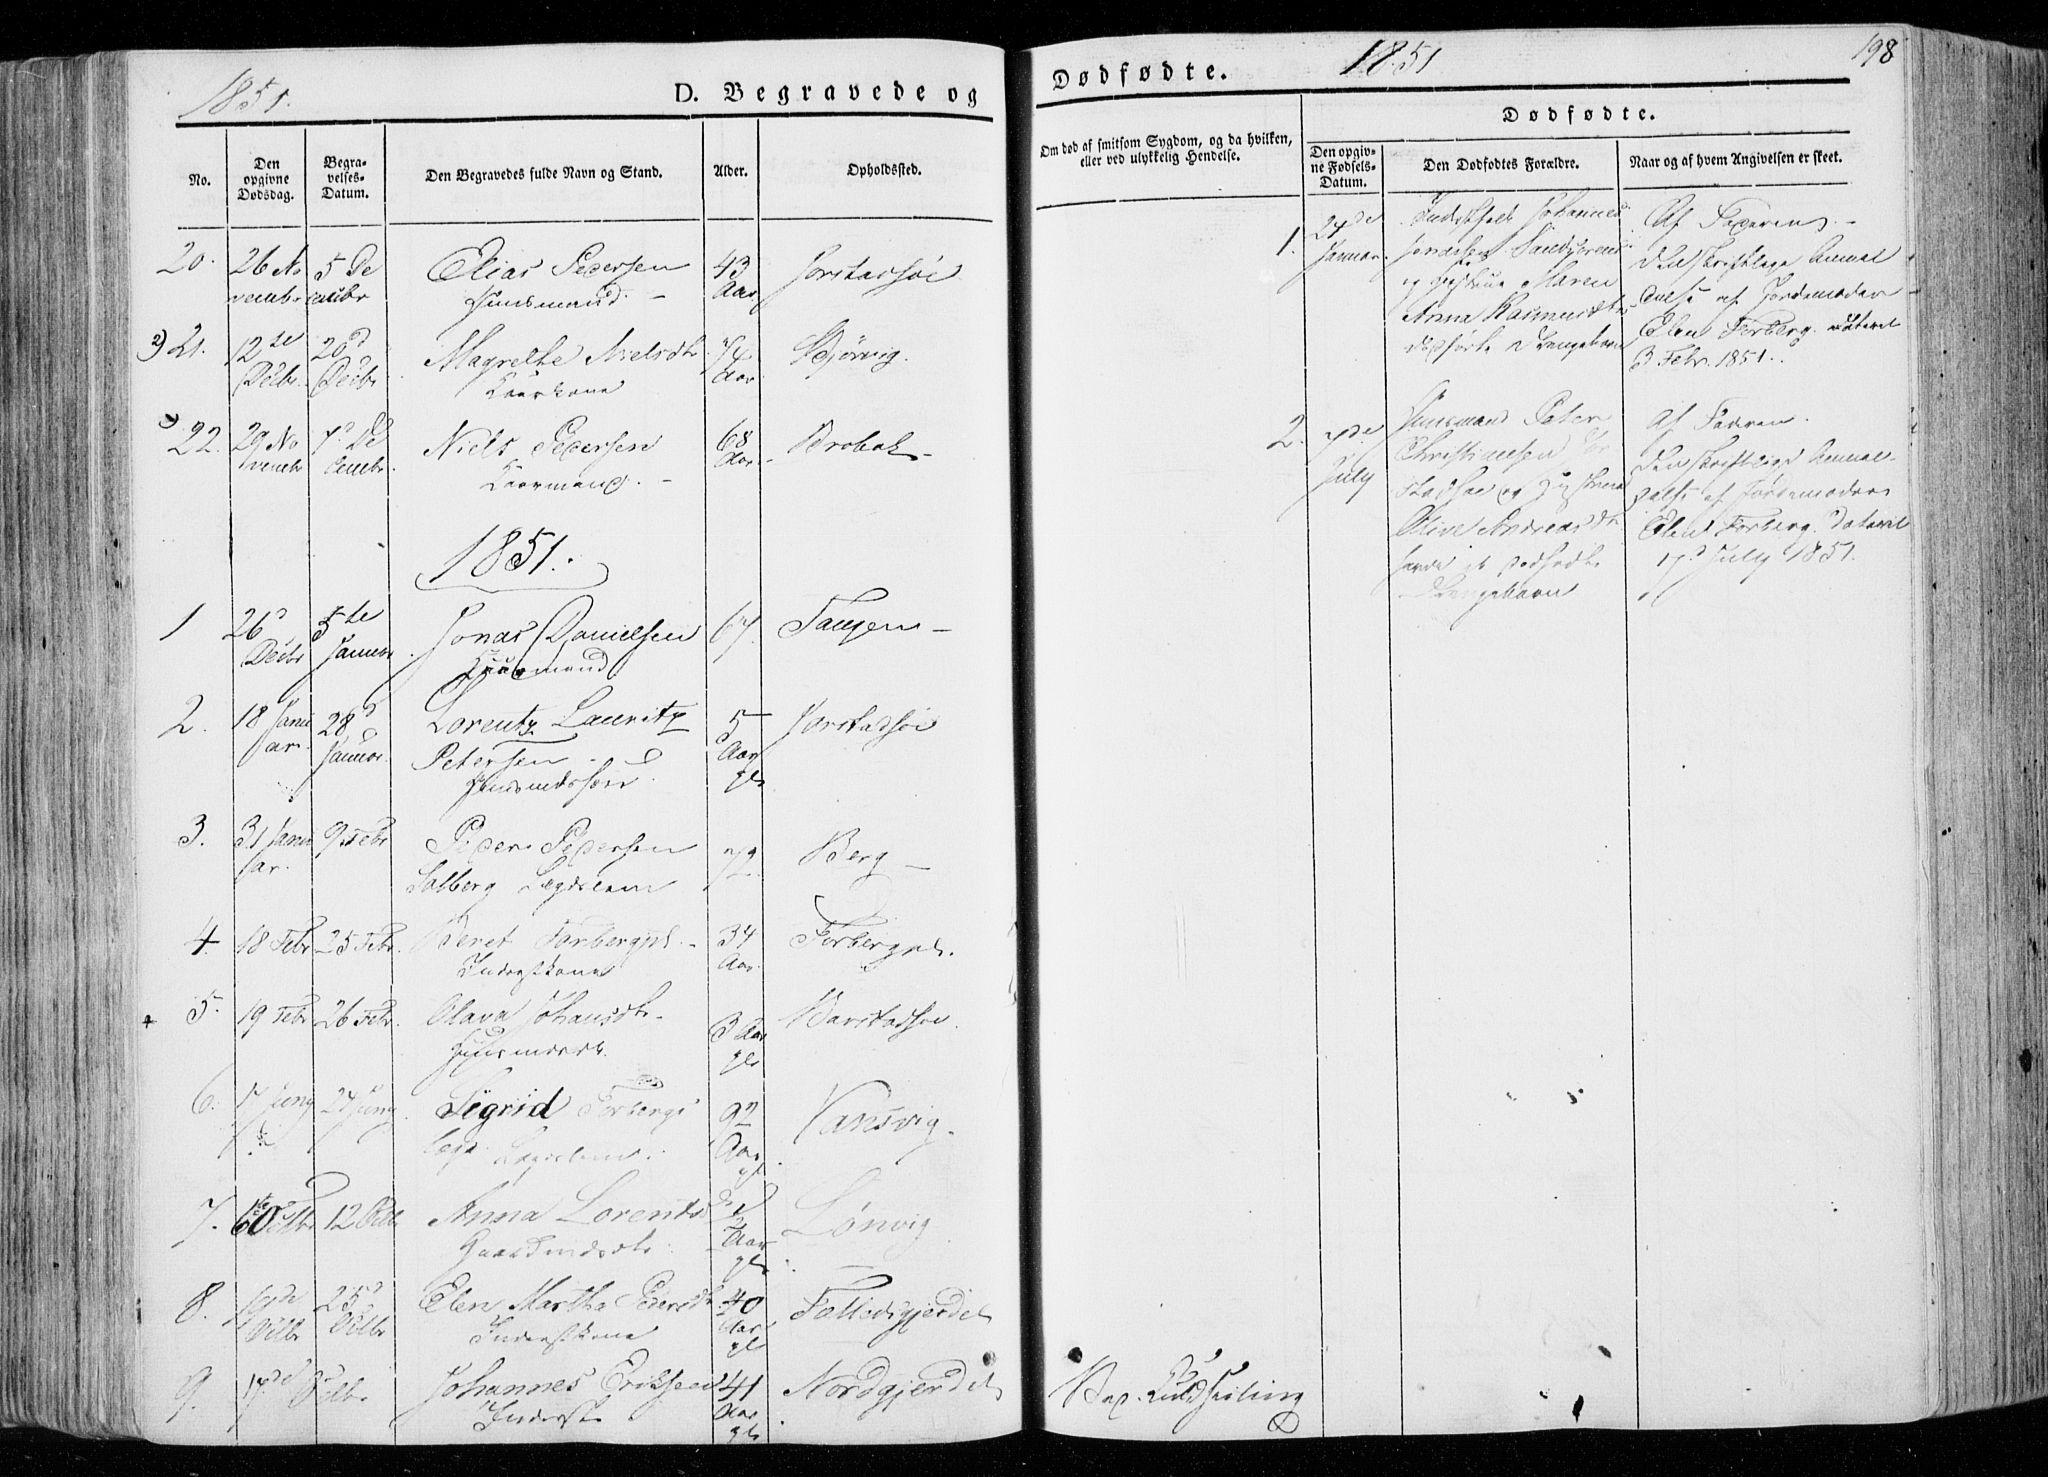 SAT, Ministerialprotokoller, klokkerbøker og fødselsregistre - Nord-Trøndelag, 722/L0218: Ministerialbok nr. 722A05, 1843-1868, s. 198